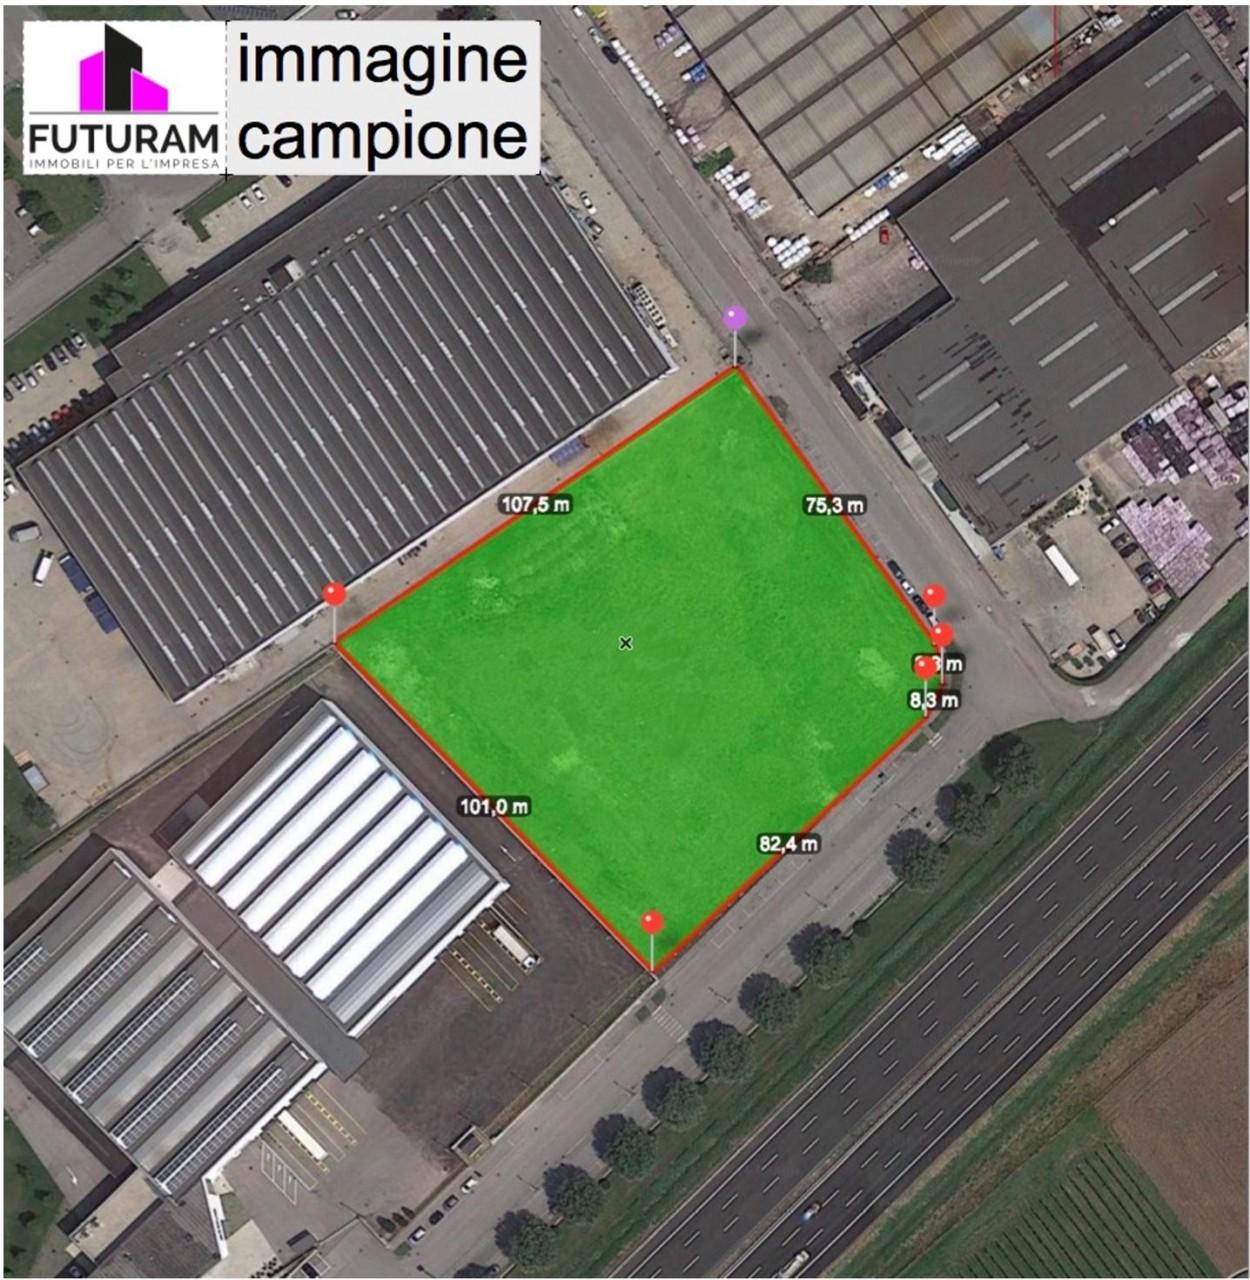 Terreno edificabile urbanizzato uso produttivo 16.000 mq